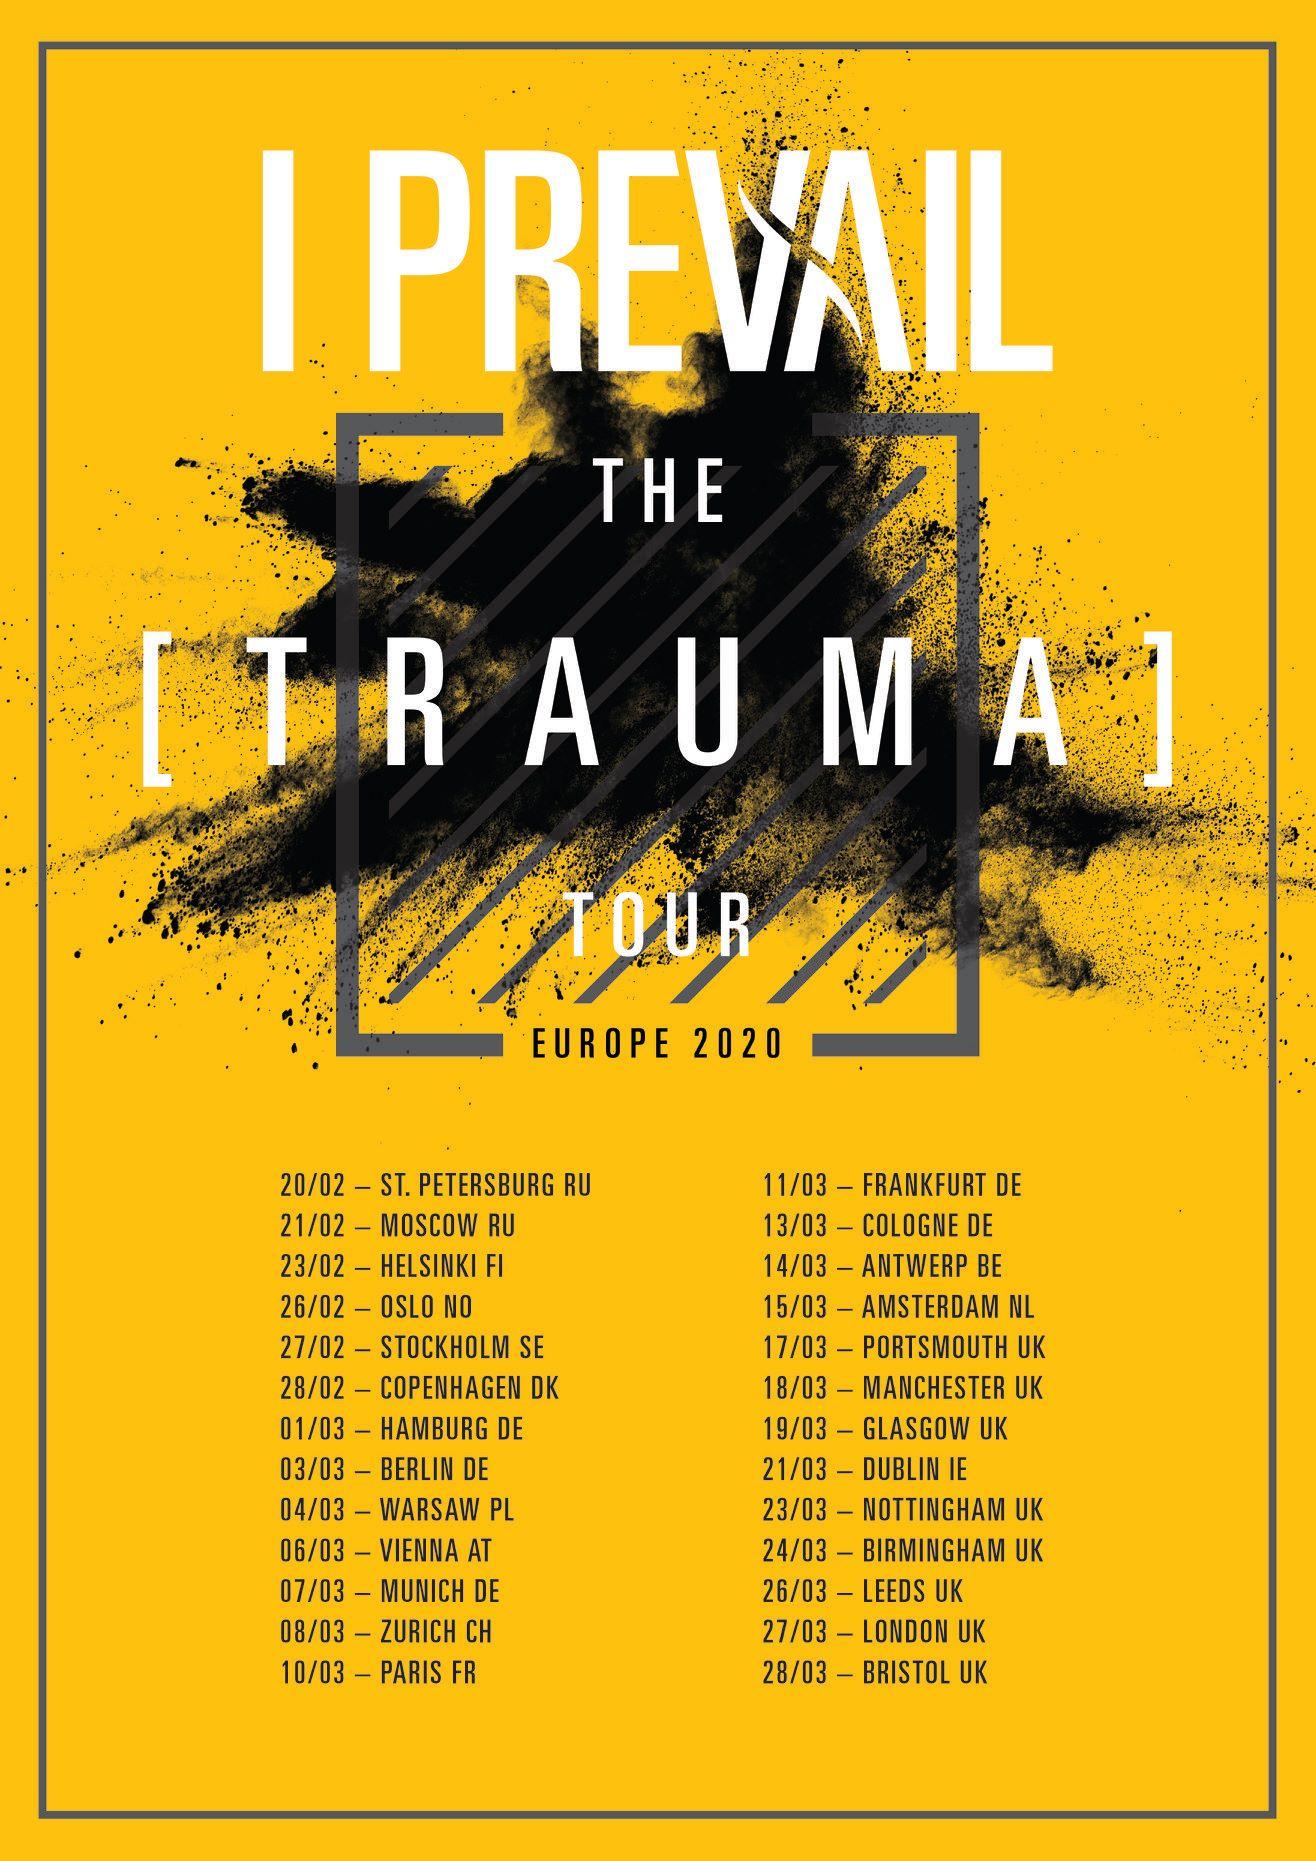 I Prevail Trauma Tour 2020